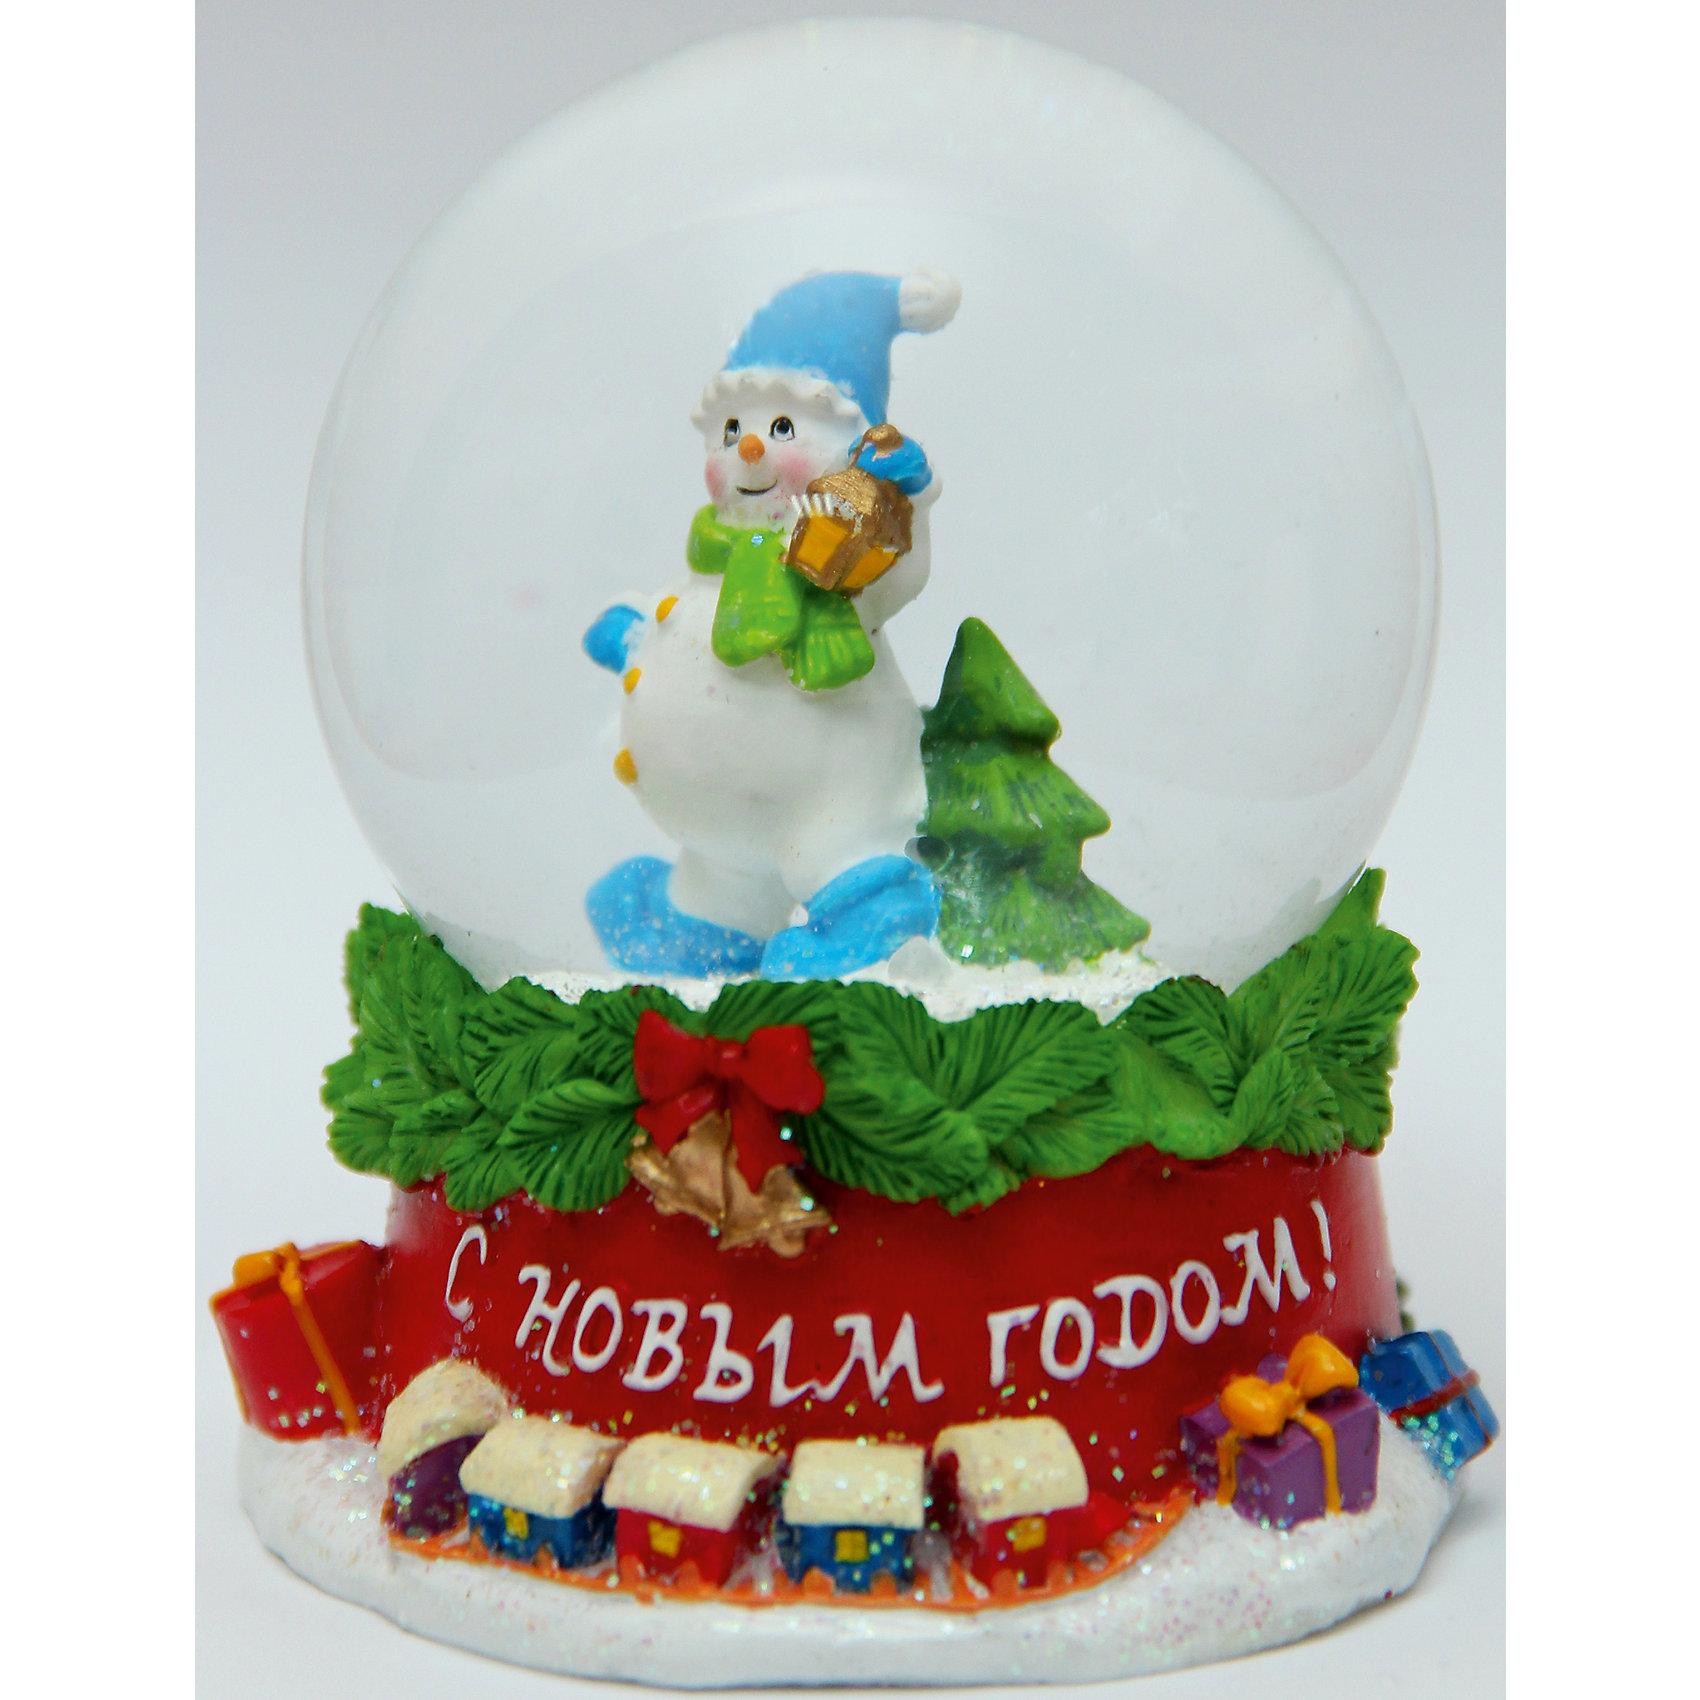 Новогодняя фигурка Снеговик с фонарем (7,5*7,5*8,4см, из полирезины с водяным шаром из стекла)Всё для праздника<br>Новогодняя фигурка Снеговик с фонаремарт. 38357 (7,5*7,5*8,4см, из полирезины с водяным шаром из стекла)<br><br>Ширина мм: 120<br>Глубина мм: 80<br>Высота мм: 80<br>Вес г: 306<br>Возраст от месяцев: 60<br>Возраст до месяцев: 600<br>Пол: Унисекс<br>Возраст: Детский<br>SKU: 5144538